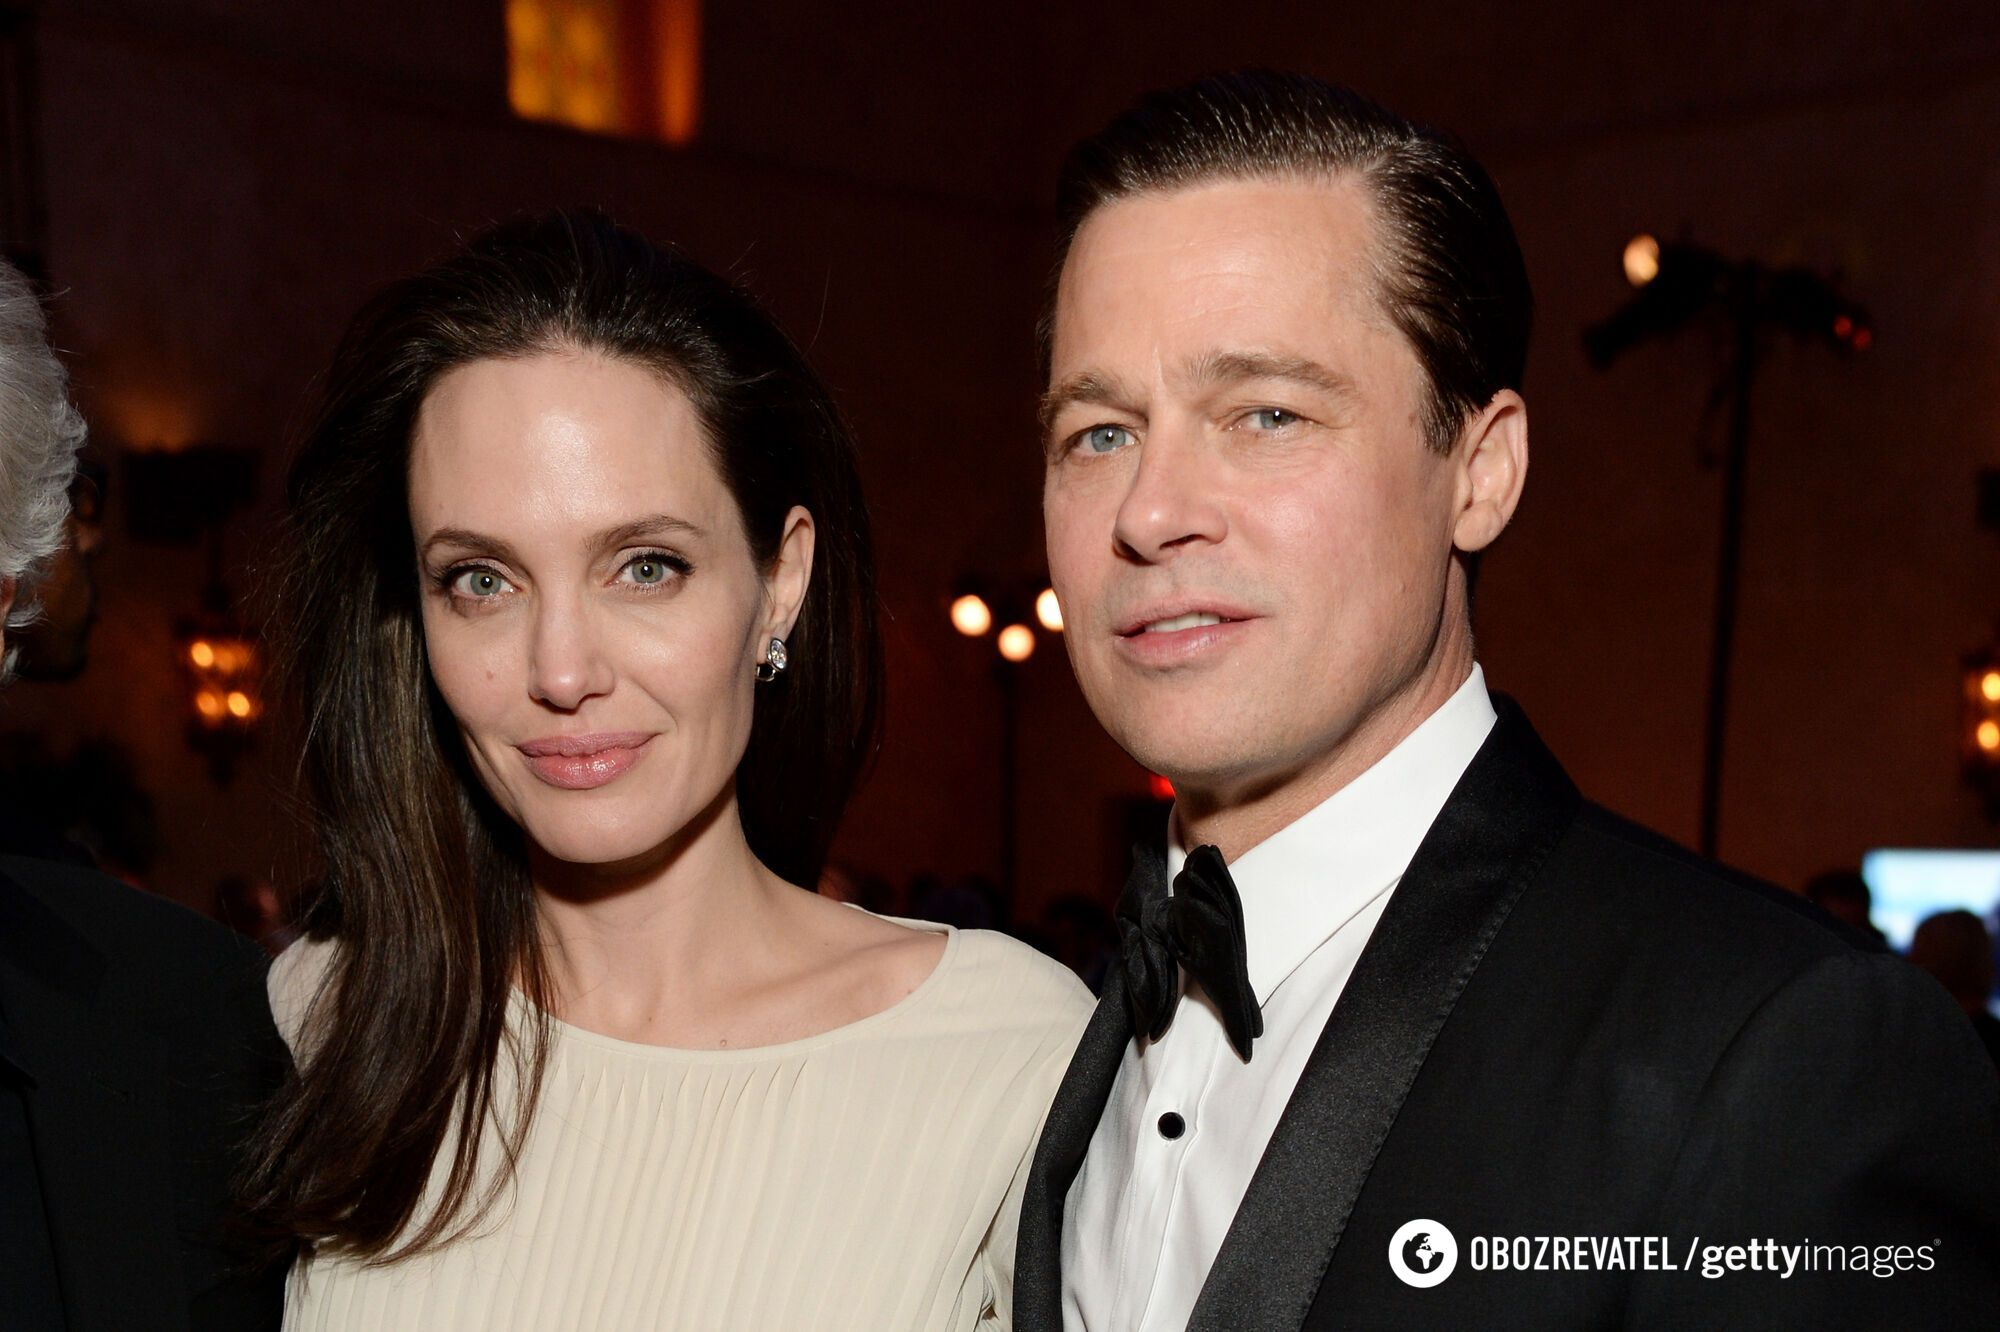 Анджелина Джоли направила в суд документы о домашнем насилии